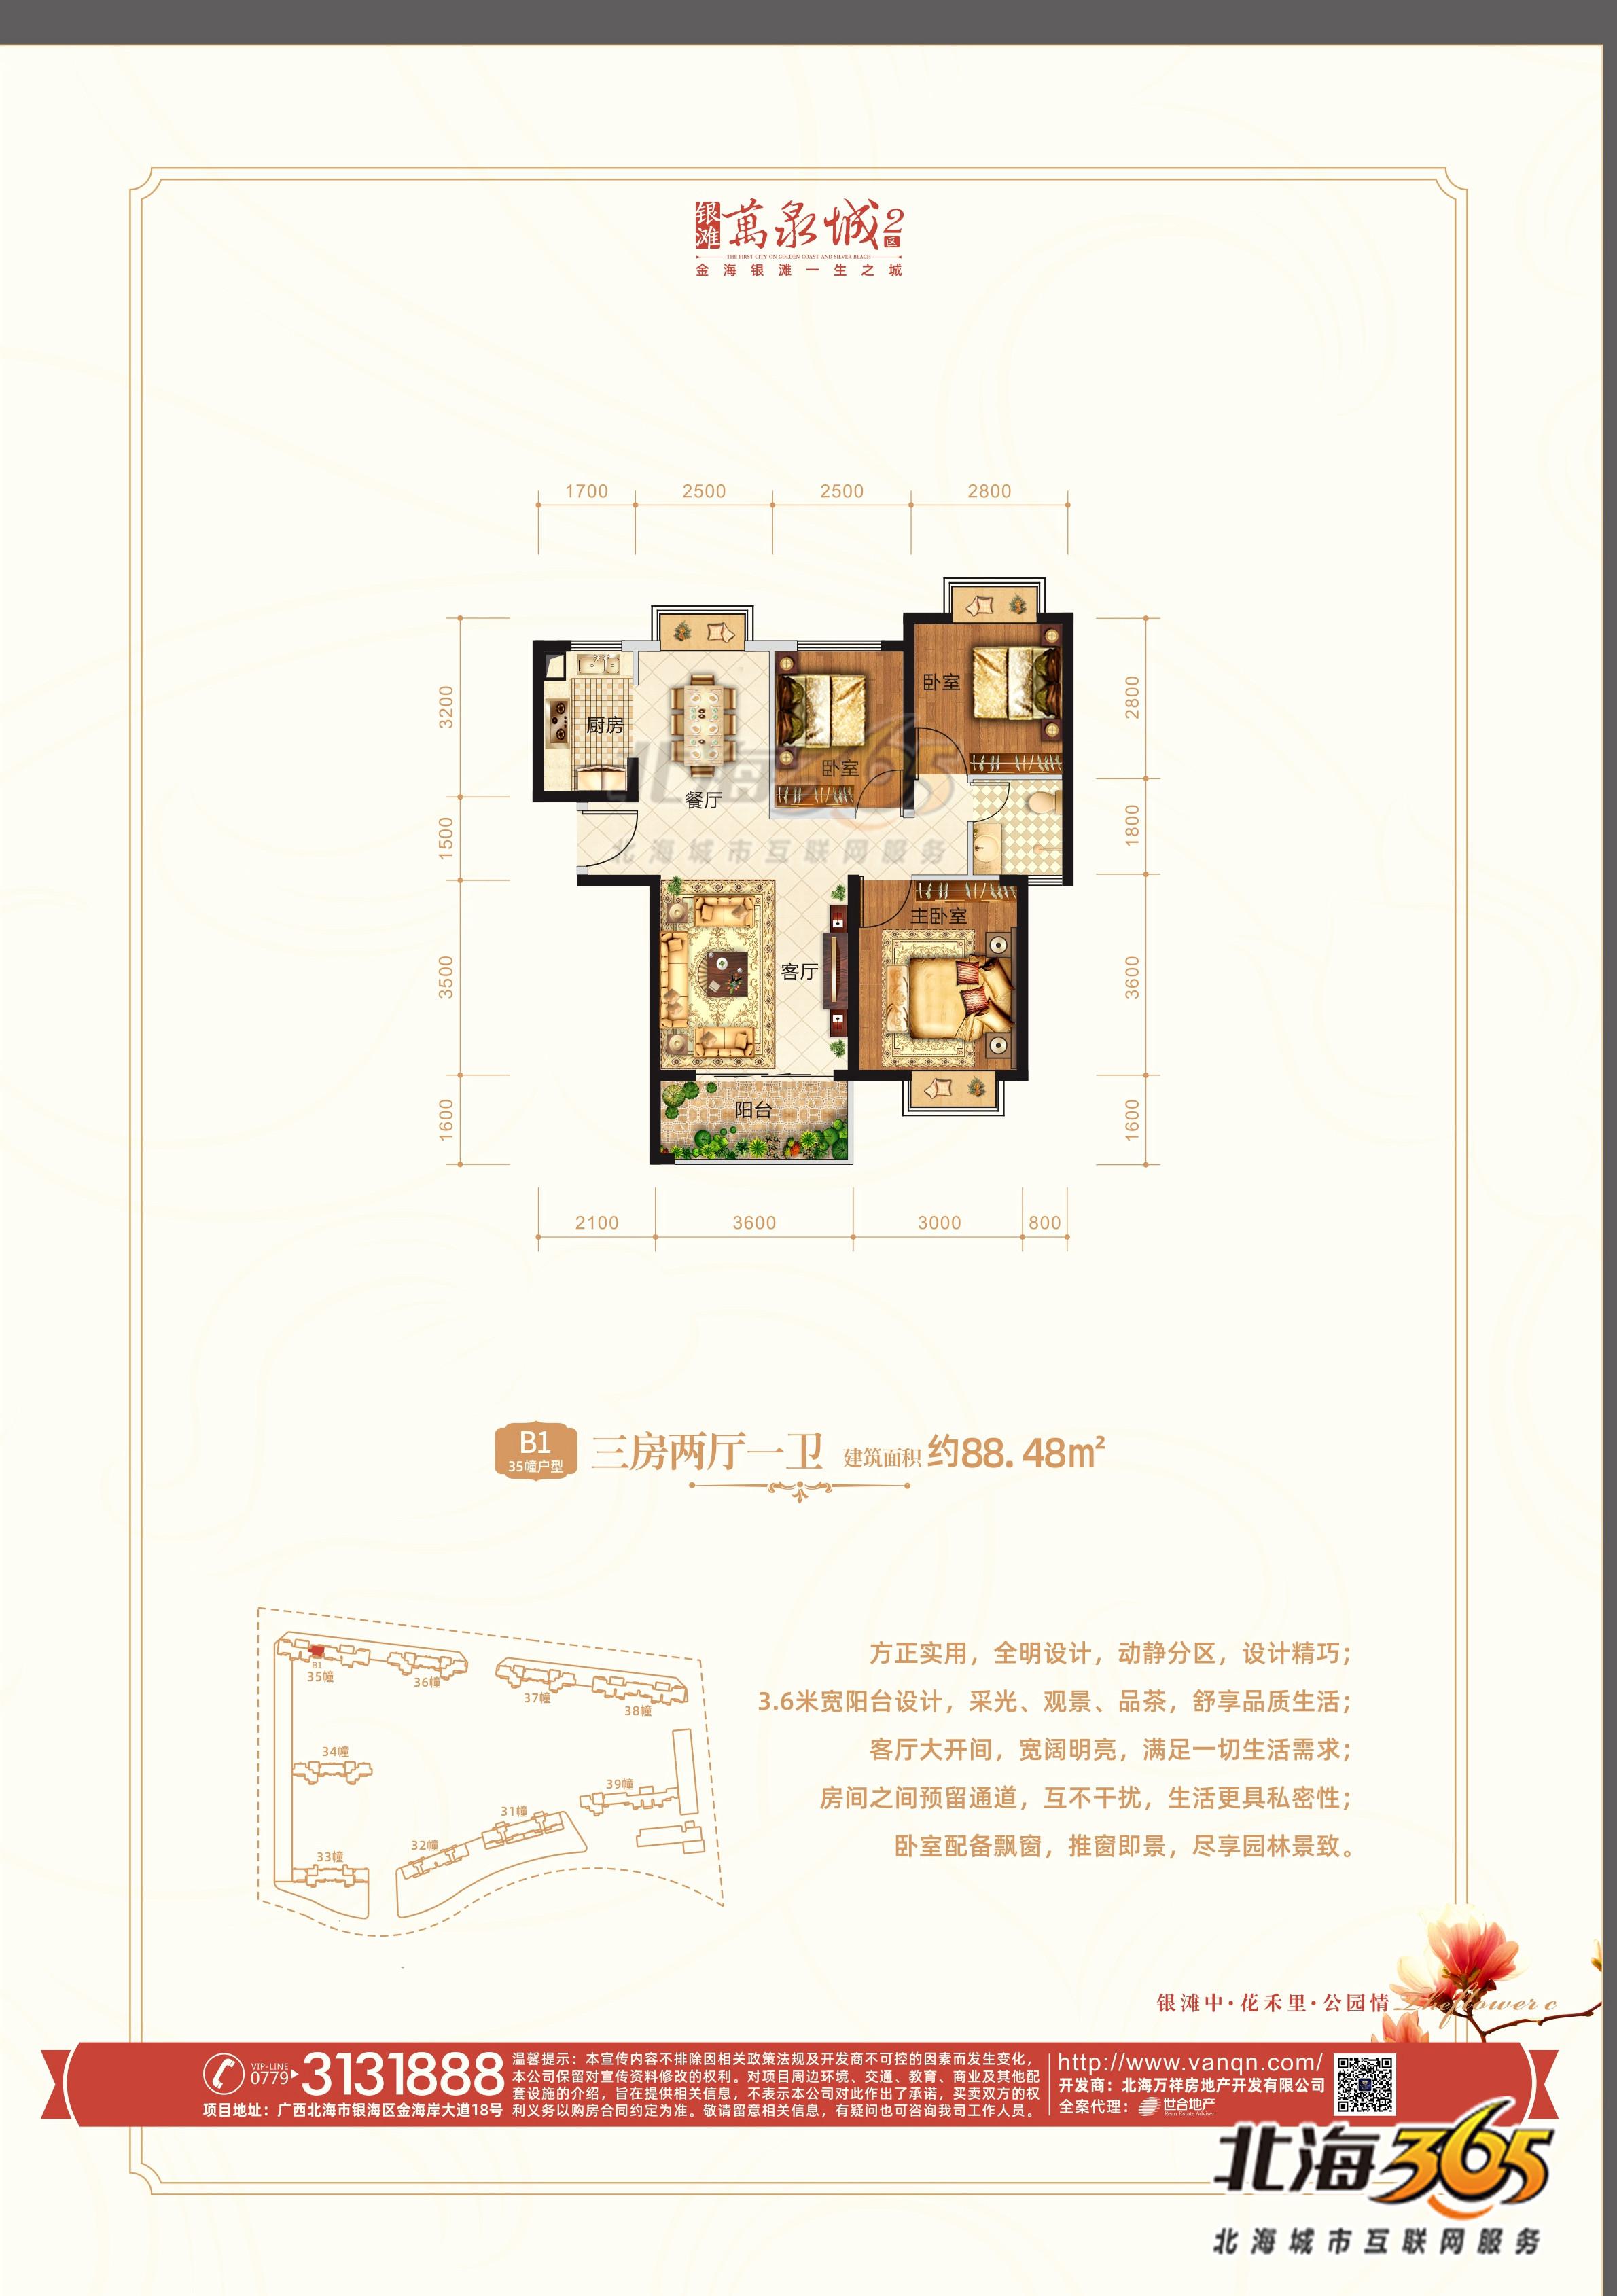 B1-35幢户型三房两厅一卫